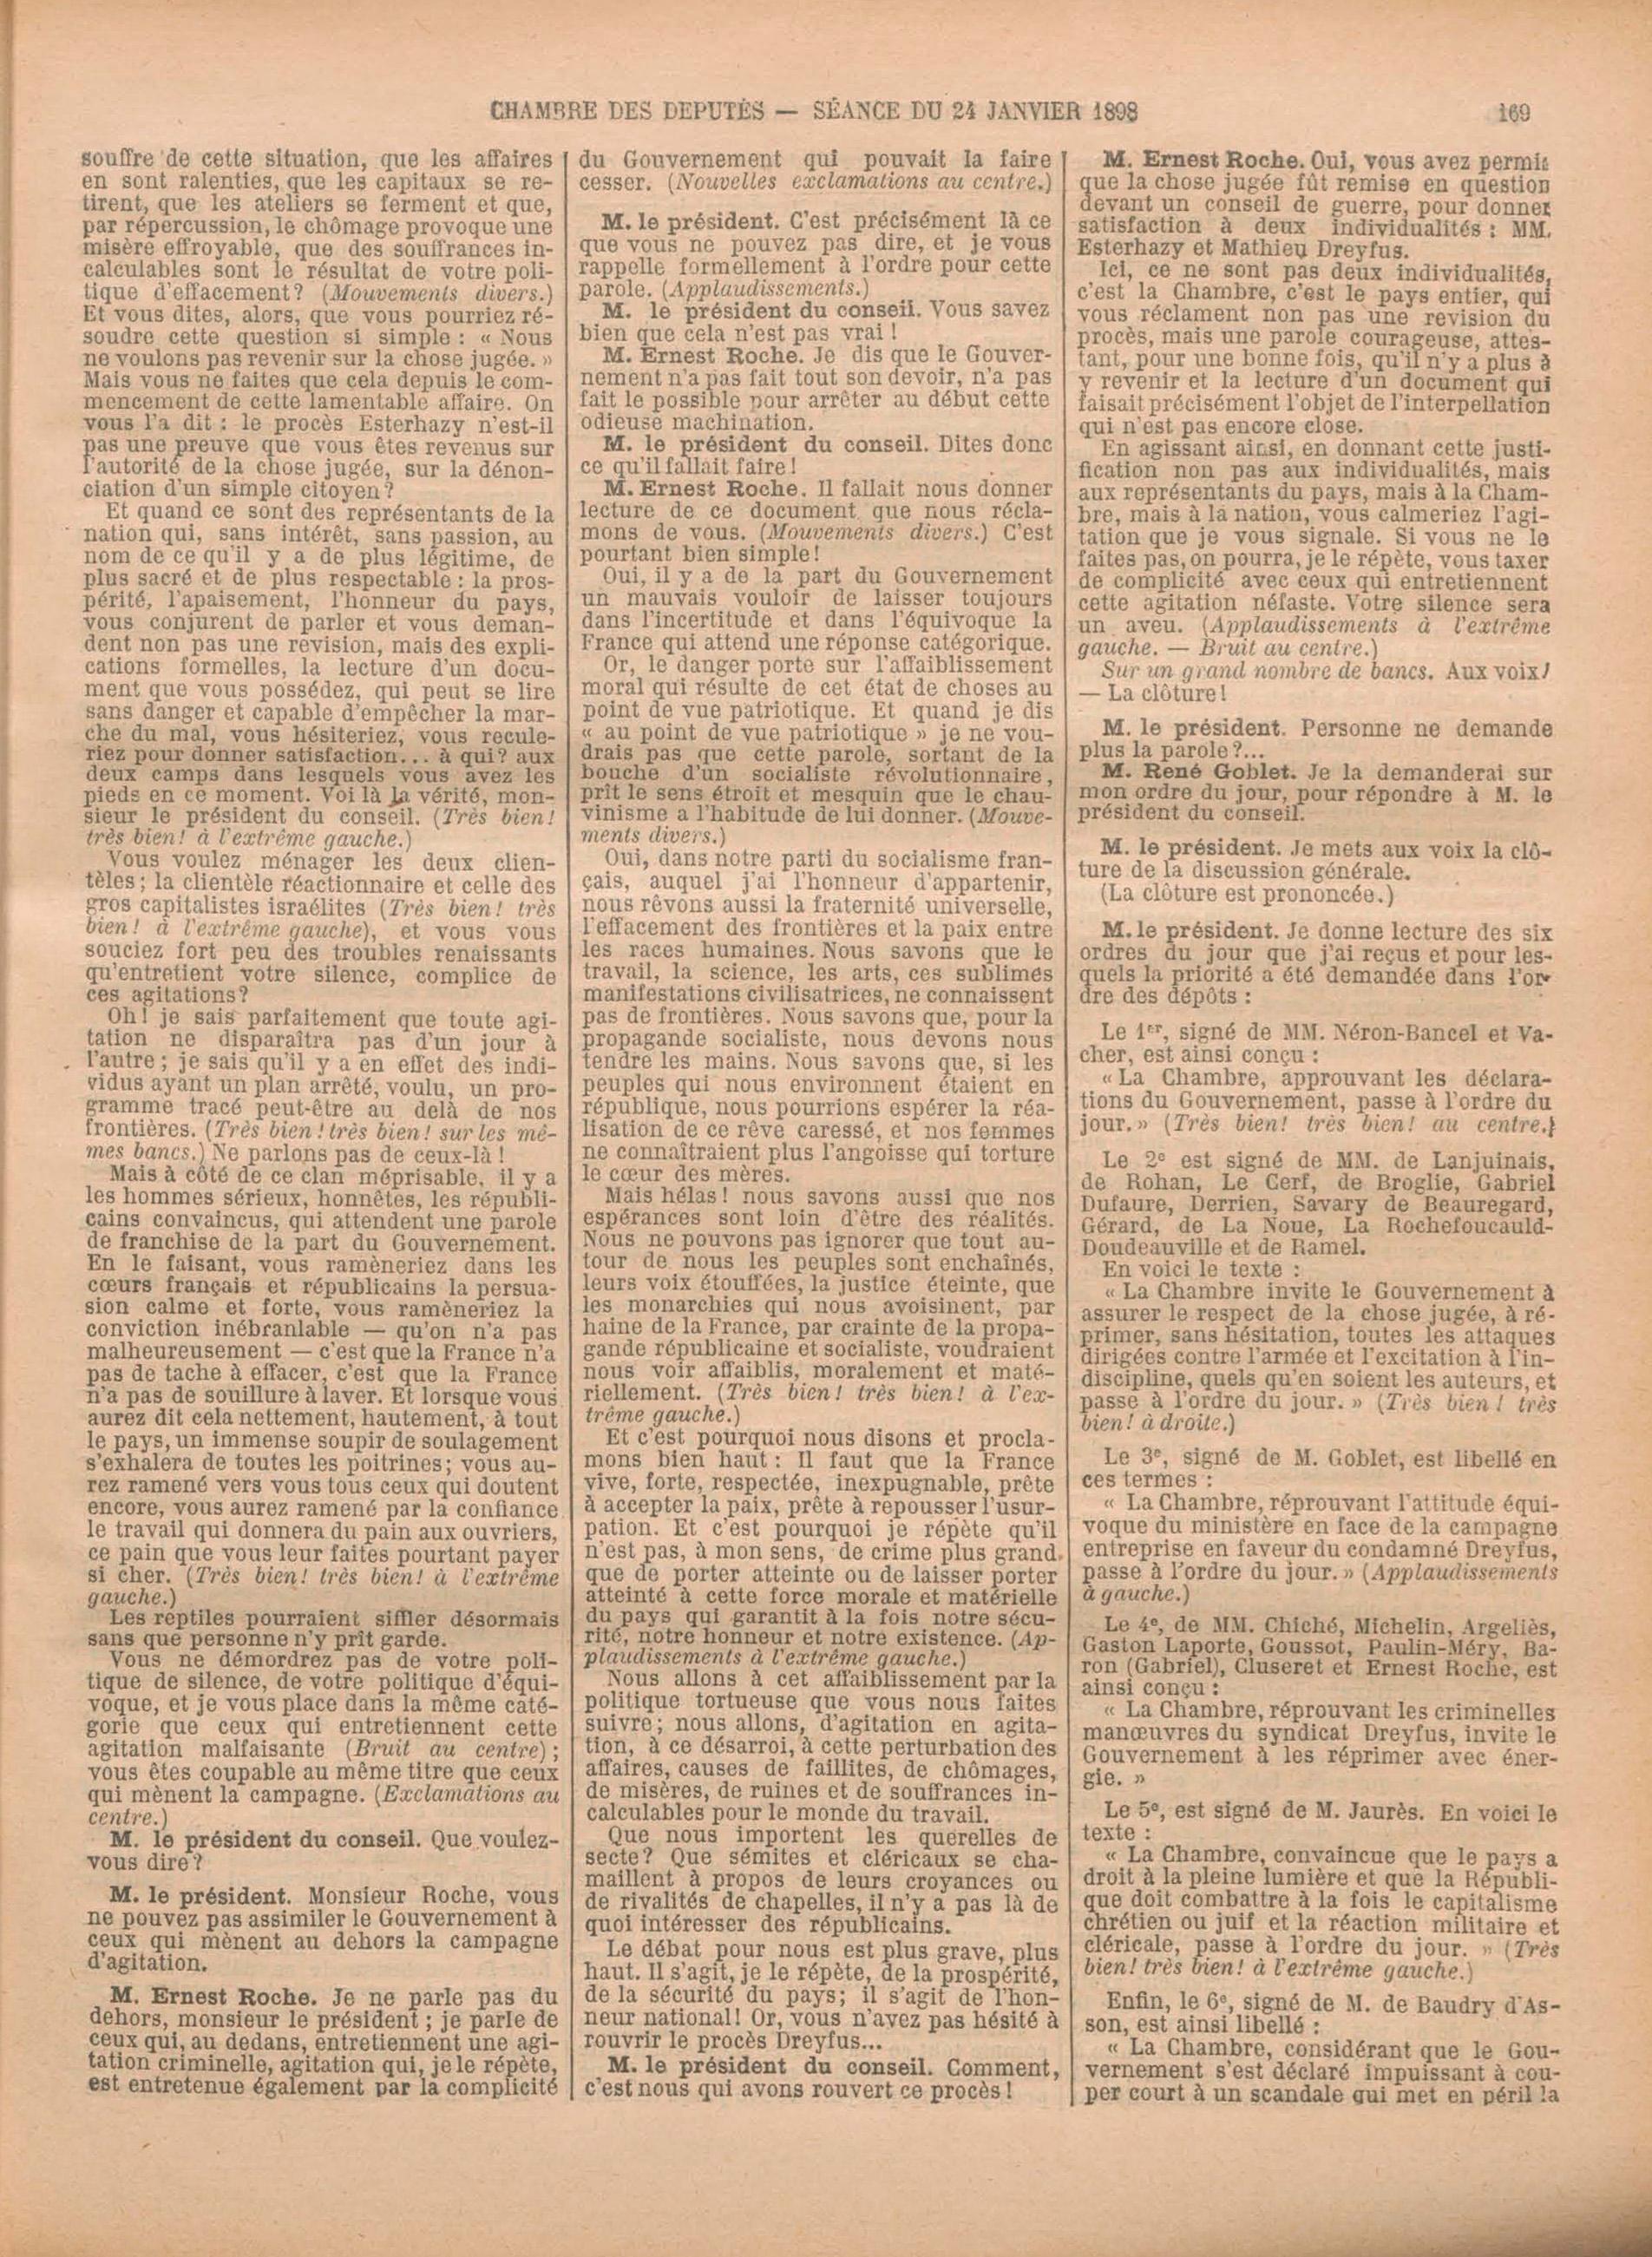 http://expo-paulviollet.univ-paris1.fr/wp-content/uploads/2017/09/Journal_officiel_de_la_République_séance-du-lundi-24-janvier-1898_Page_09.jpg